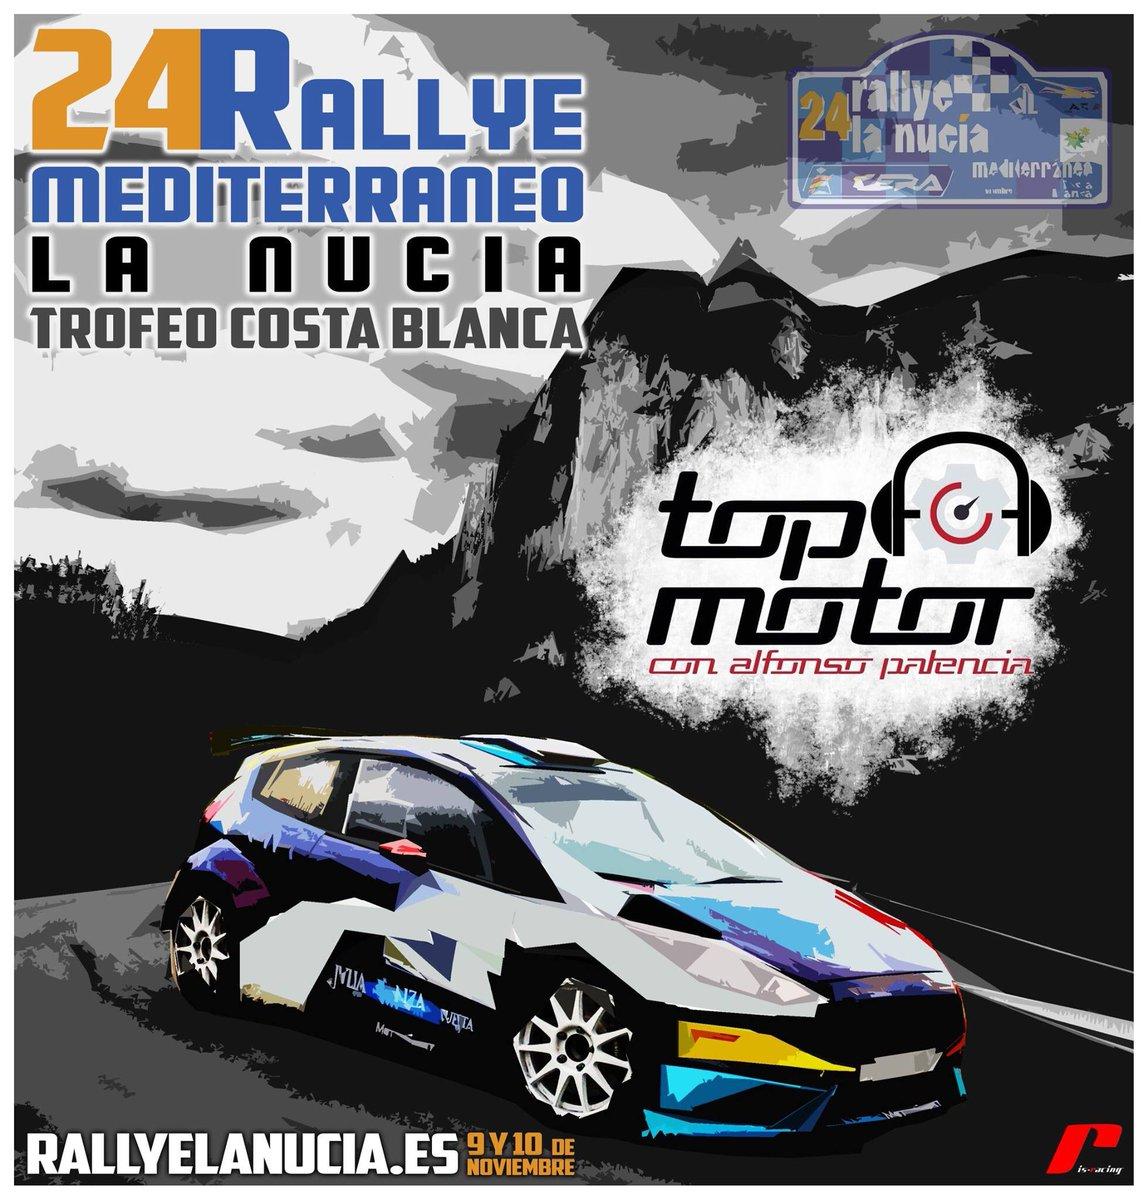 CERA: 24º Rallye La Nucía Mediterraneo - Trofeo Costa Blanca [9-10 Noviembre] - Página 2 Drnsg2QWkAI75et